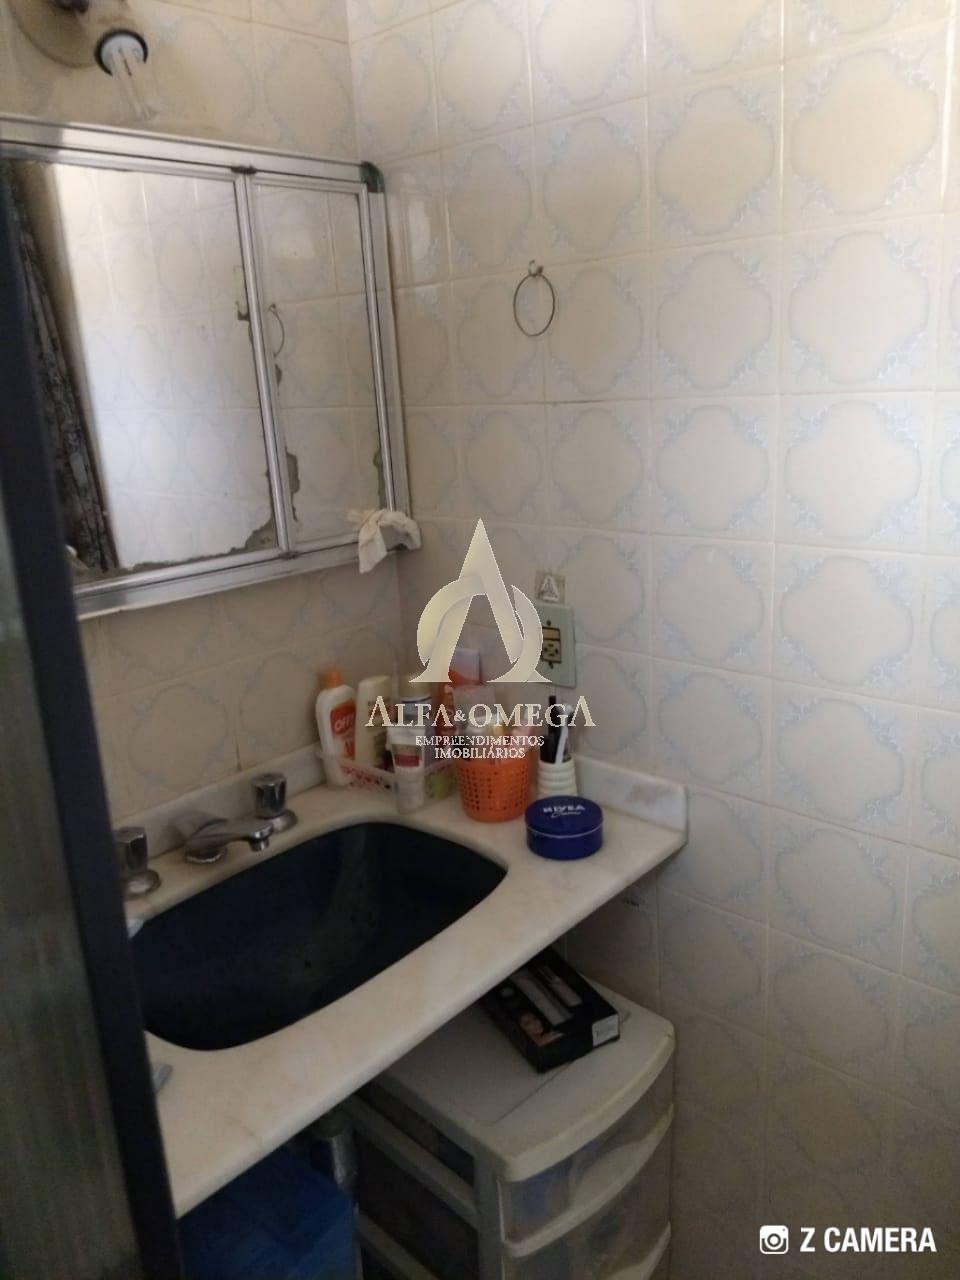 FOTO 10 - Casa em Condomínio 4 quartos à venda Barra da Tijuca, Rio de Janeiro - R$ 3.599.000 - AO60122 - 11